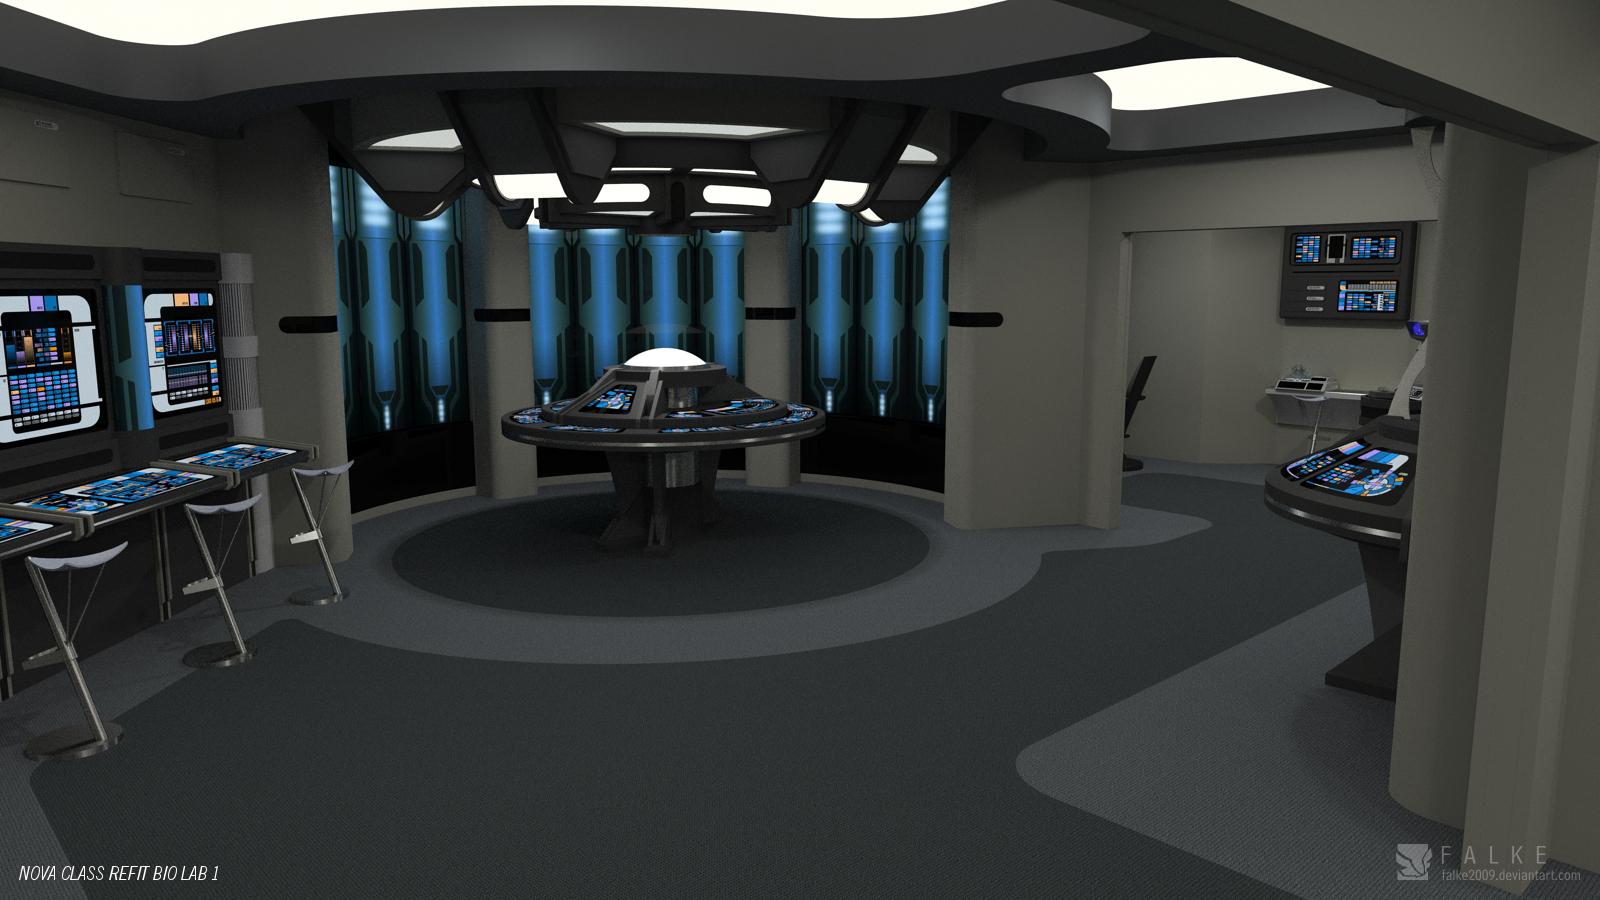 Nova Class Refit - Science Lab (Render 1) by falke2009